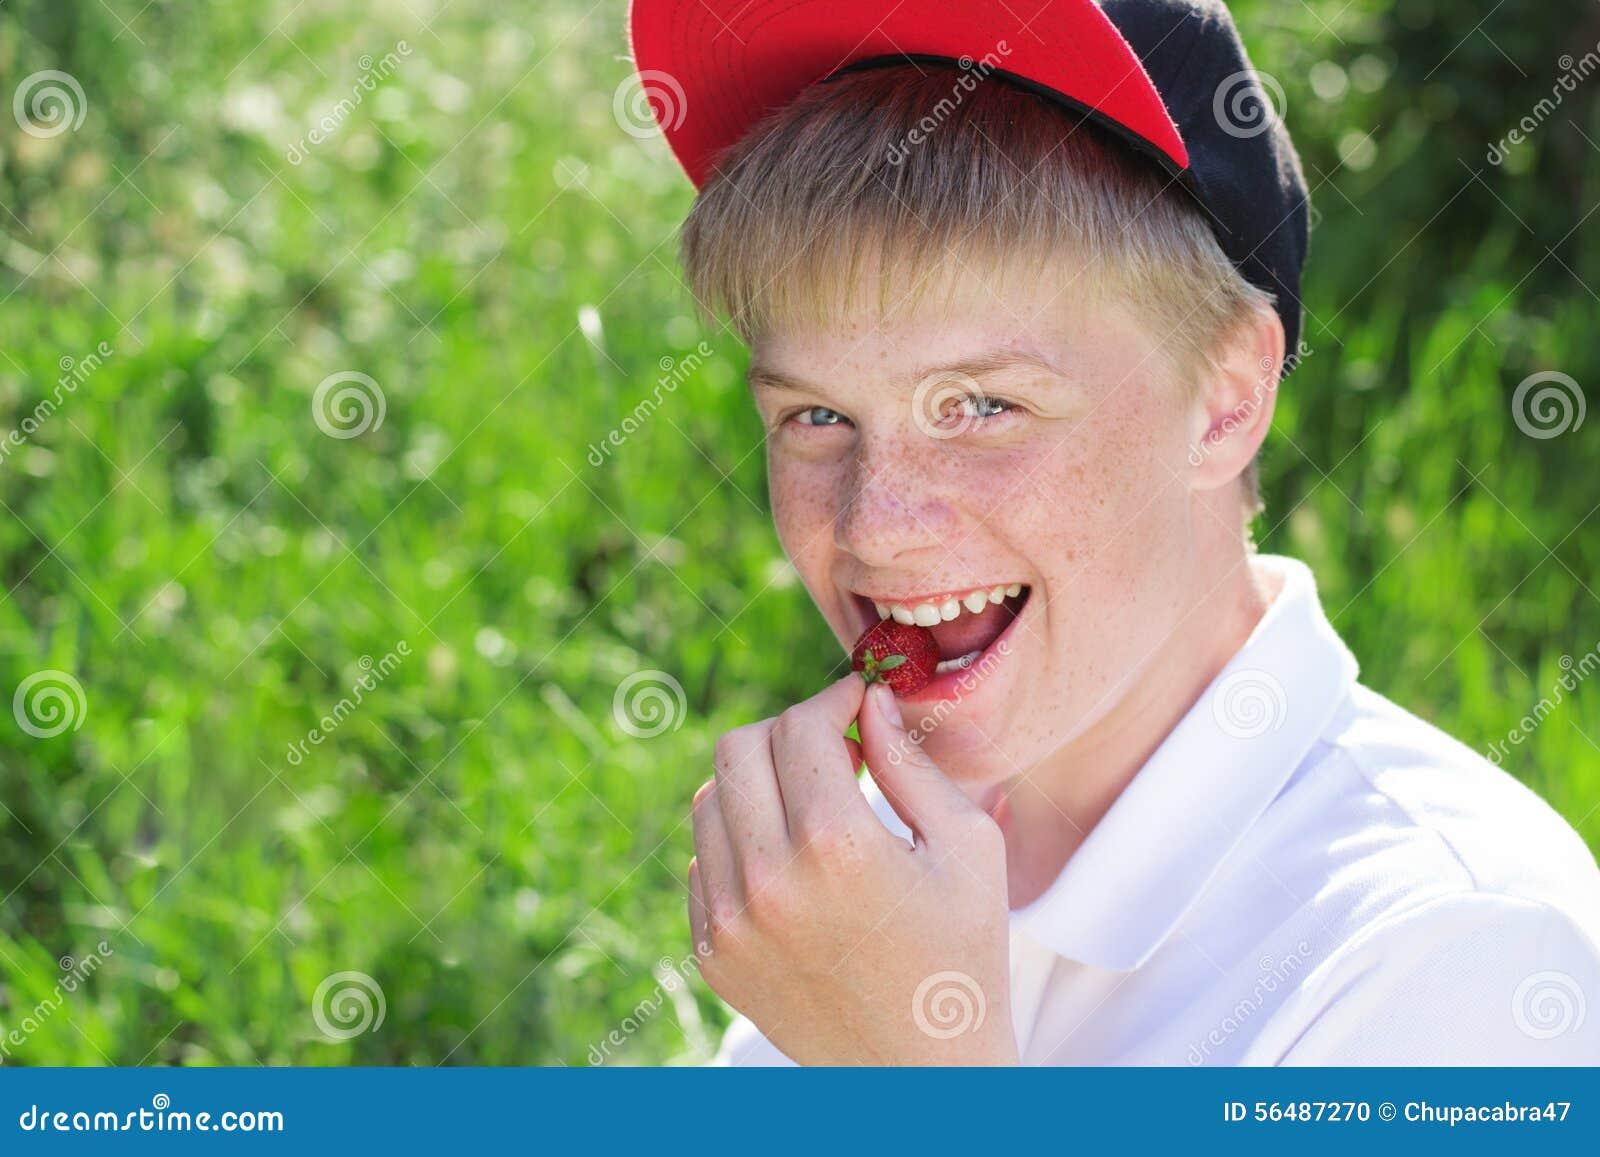 Le garçon de sourire utilise le chapeau rouge mangeant la fraise